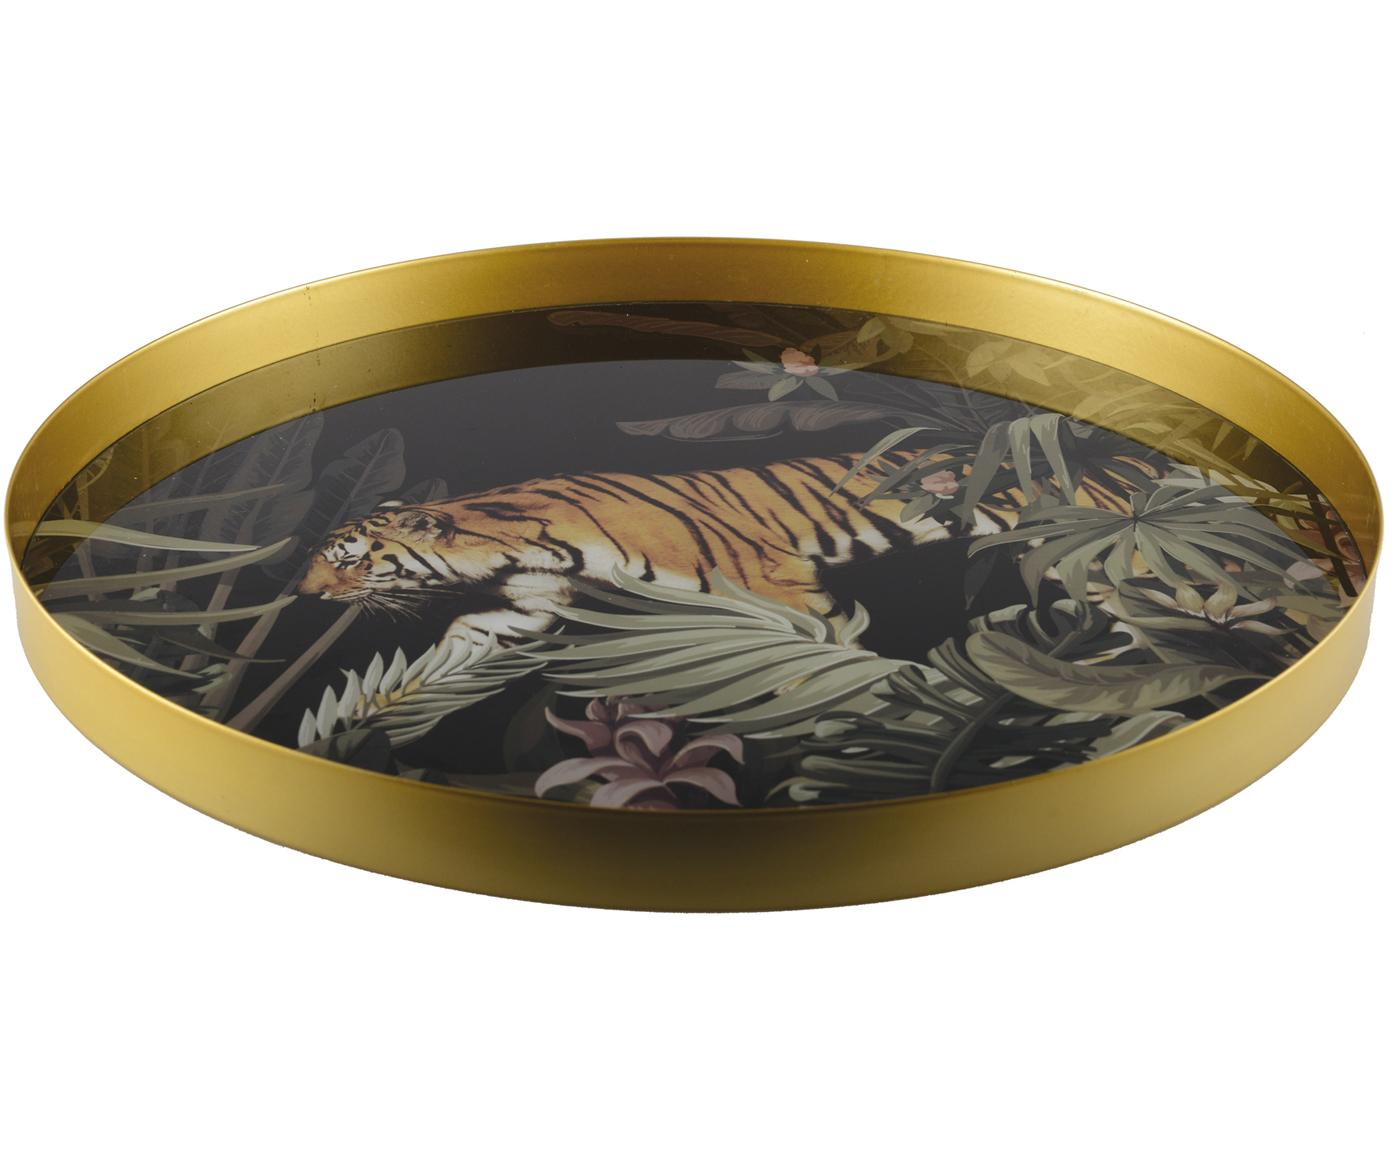 Rond dienblad Tiger, Gecoat metaal, Goudkleurig, zwart, groen, bruin, wit, Ø 40 cm